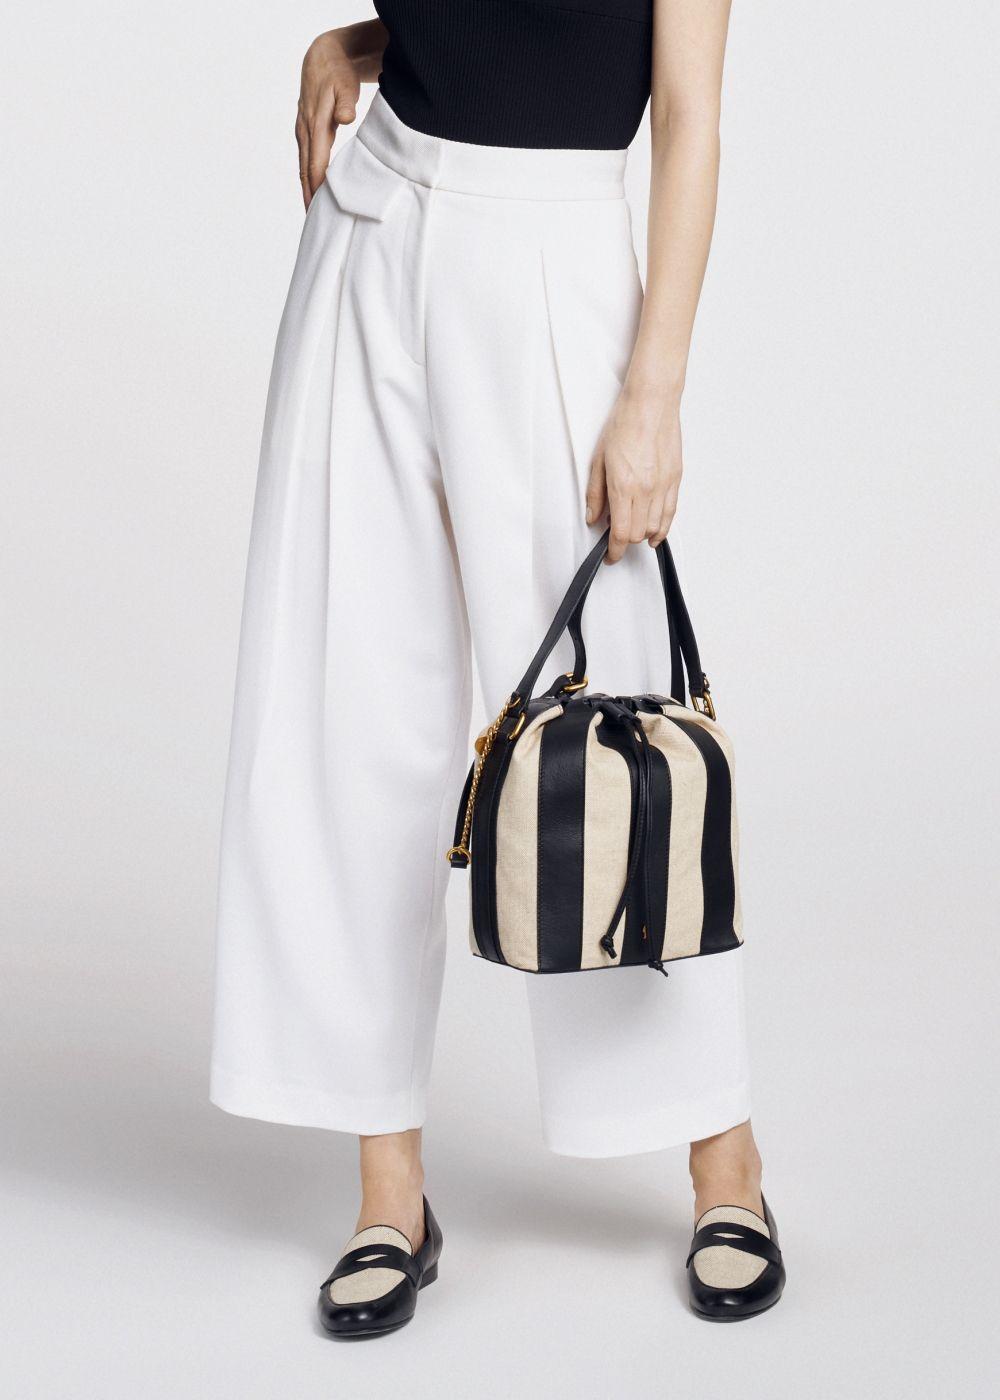 Spodnie damskie SPODT-0051-11(W21)